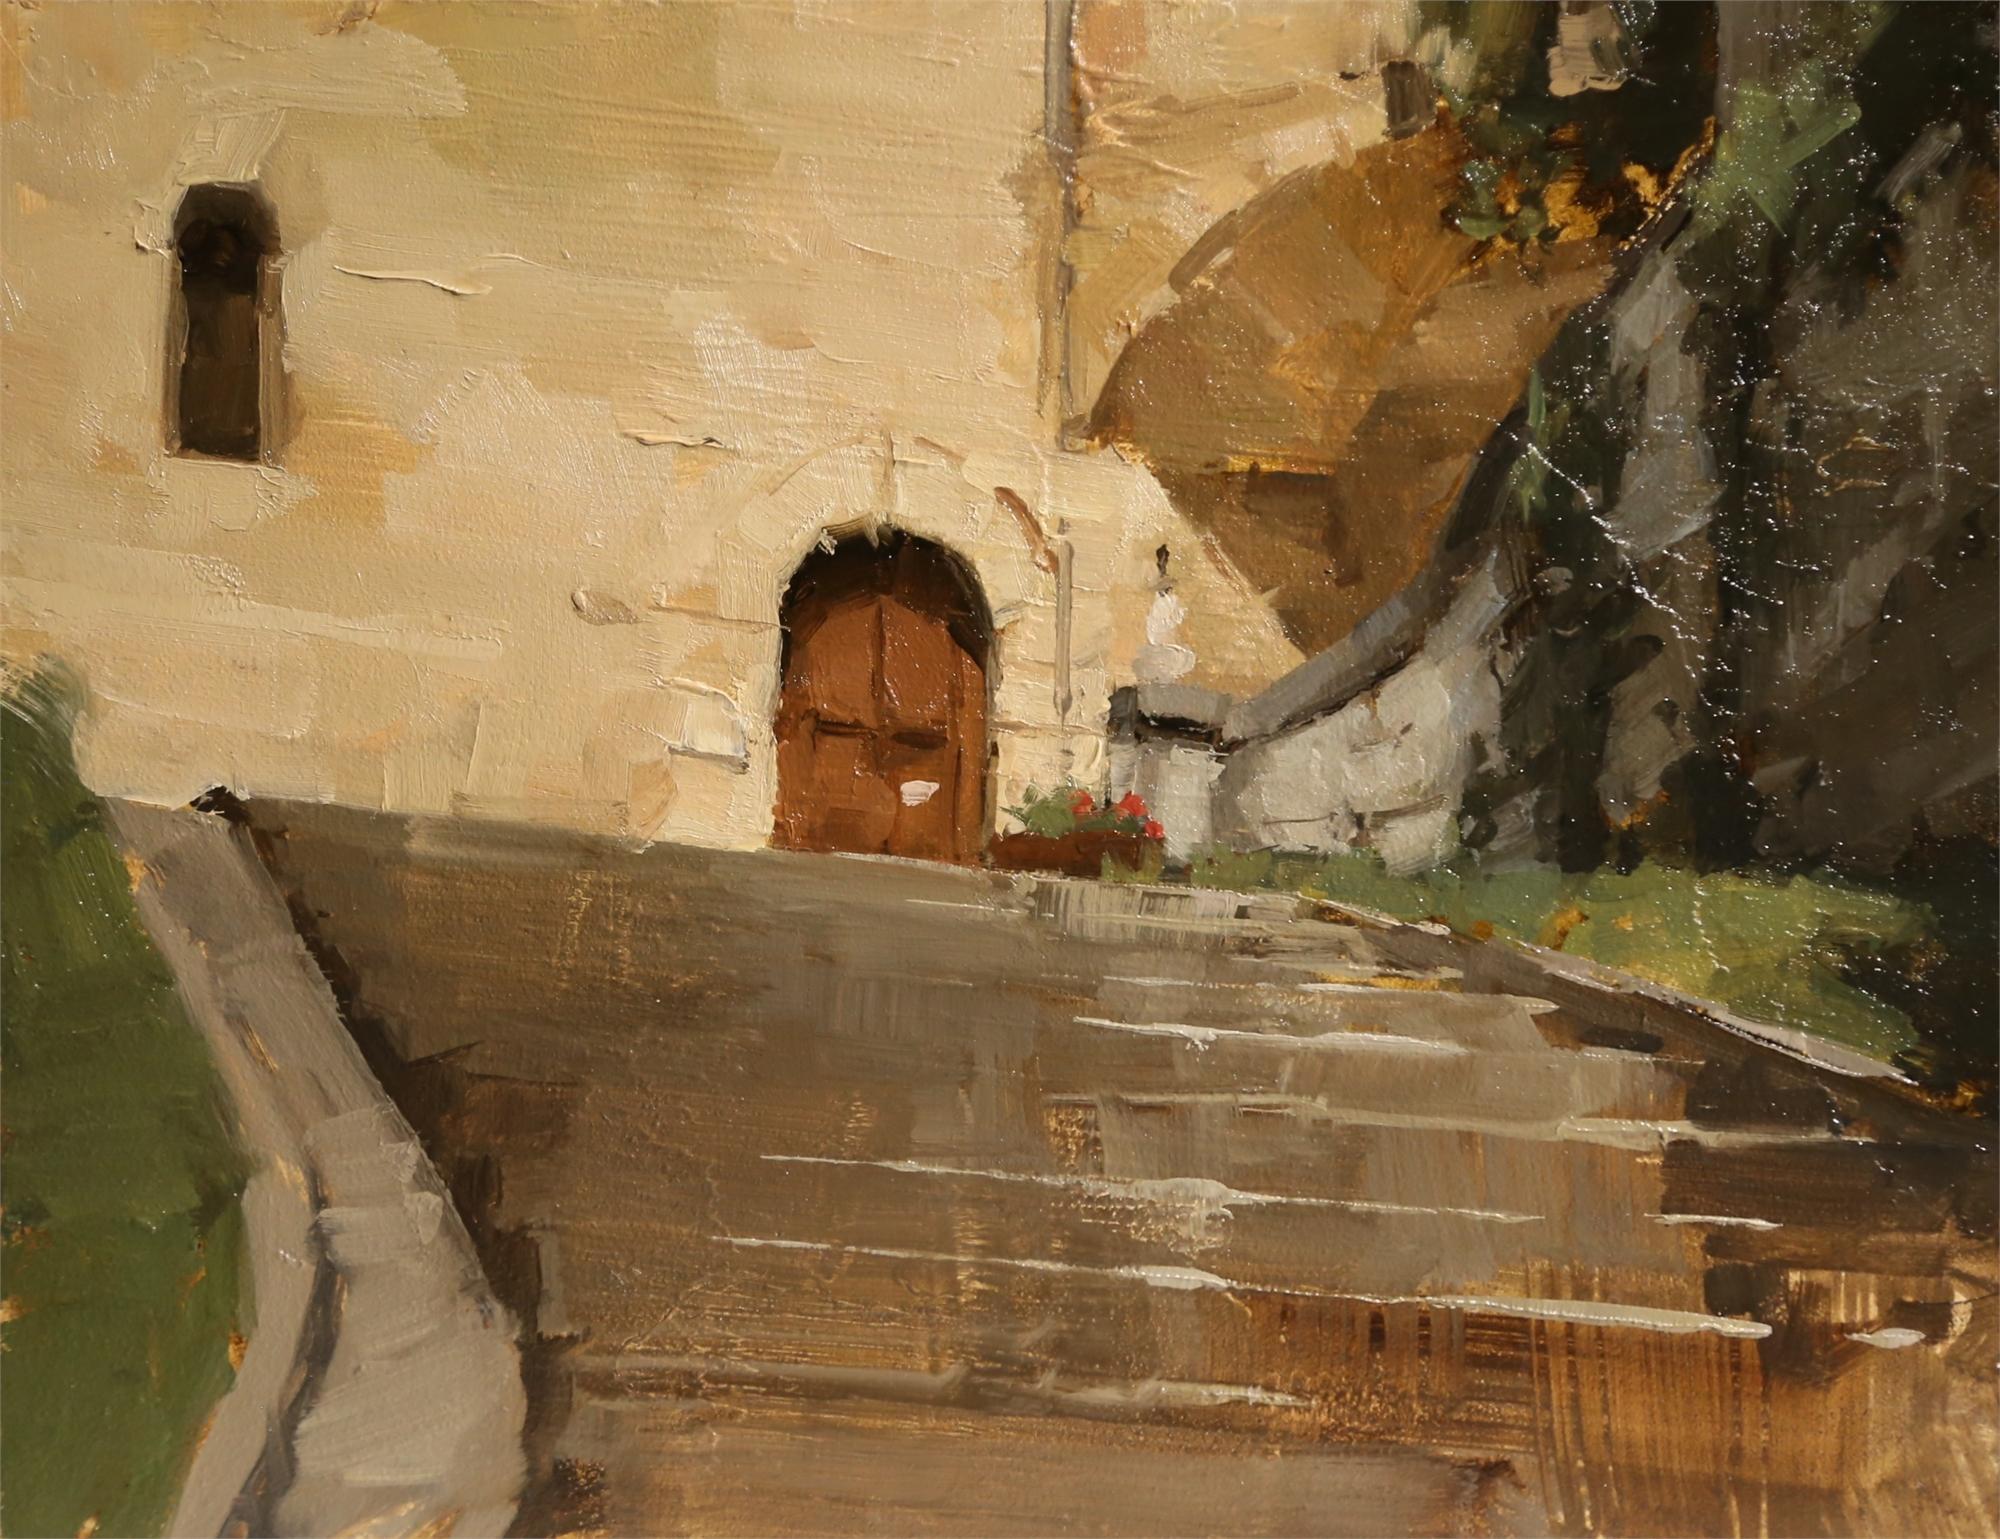 Gubbio by James Kroner